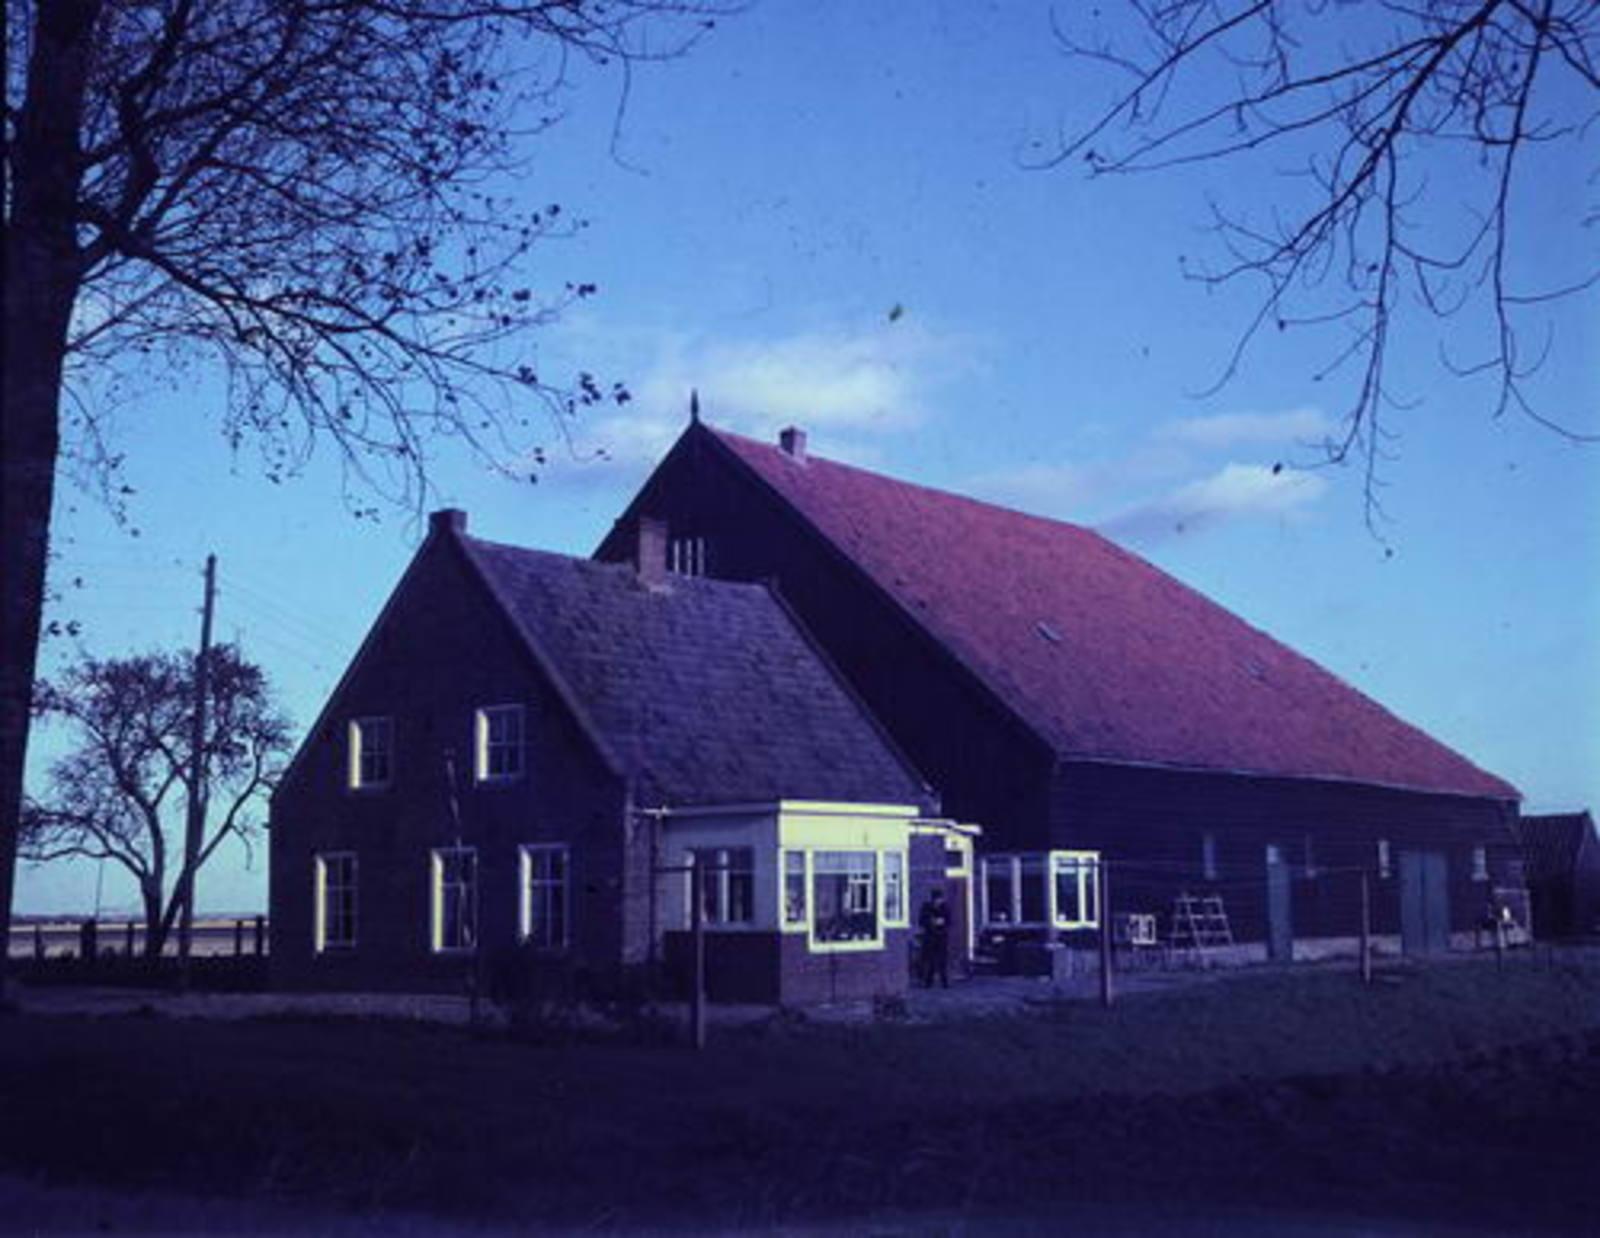 Sloterweg O 0504 19__ boerderij Eben Haezer van fam v Wijk 03